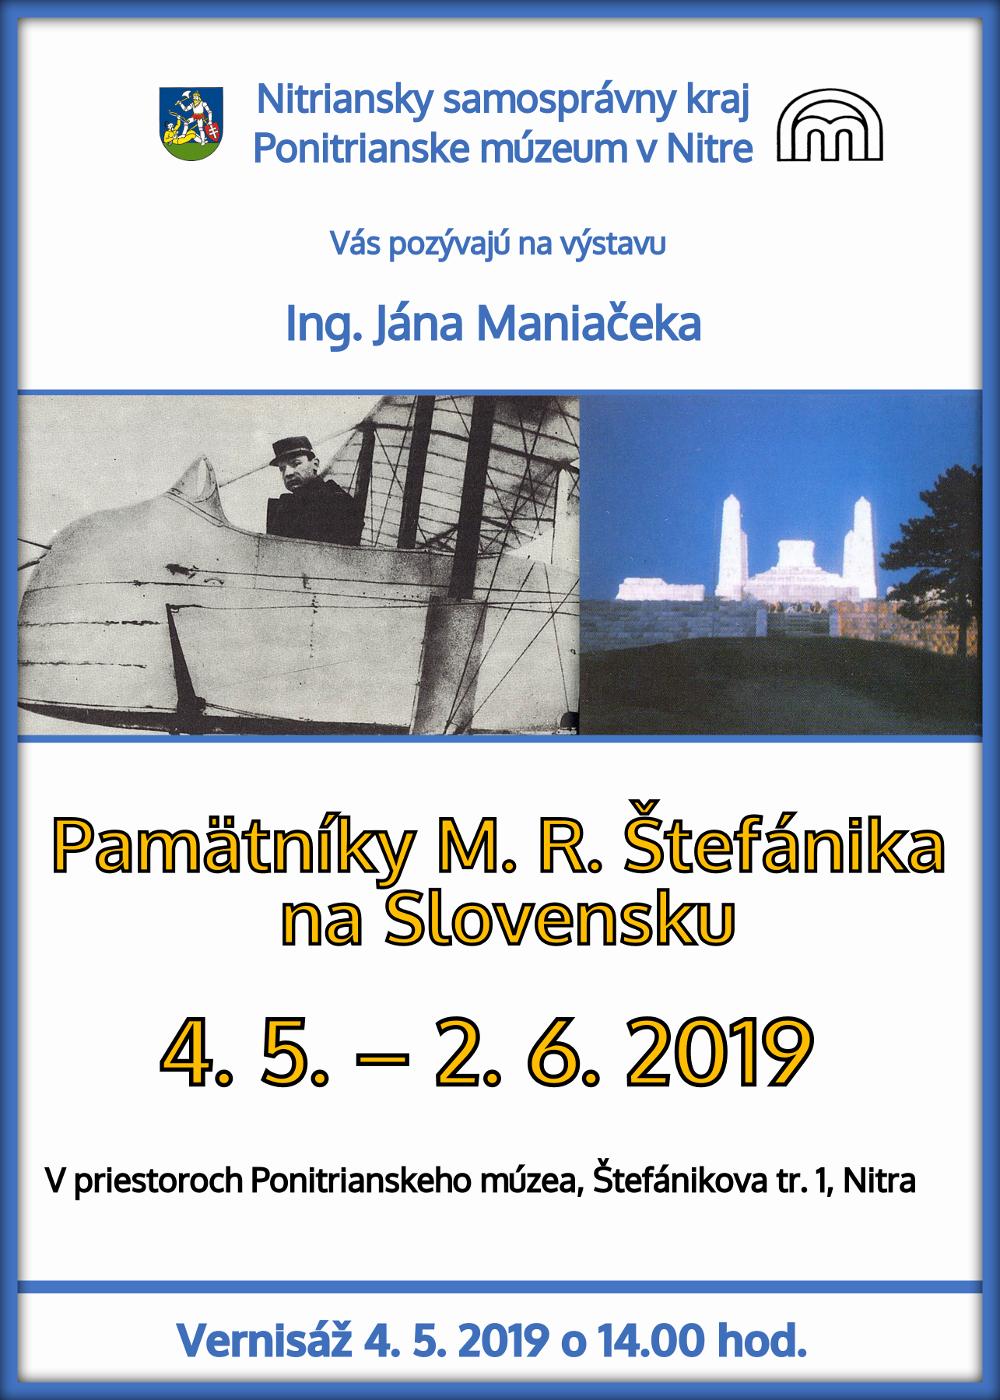 9c5cb9f48434 Pamätníky M. R. Štefánika na Slovensku-pozvánka.jpg